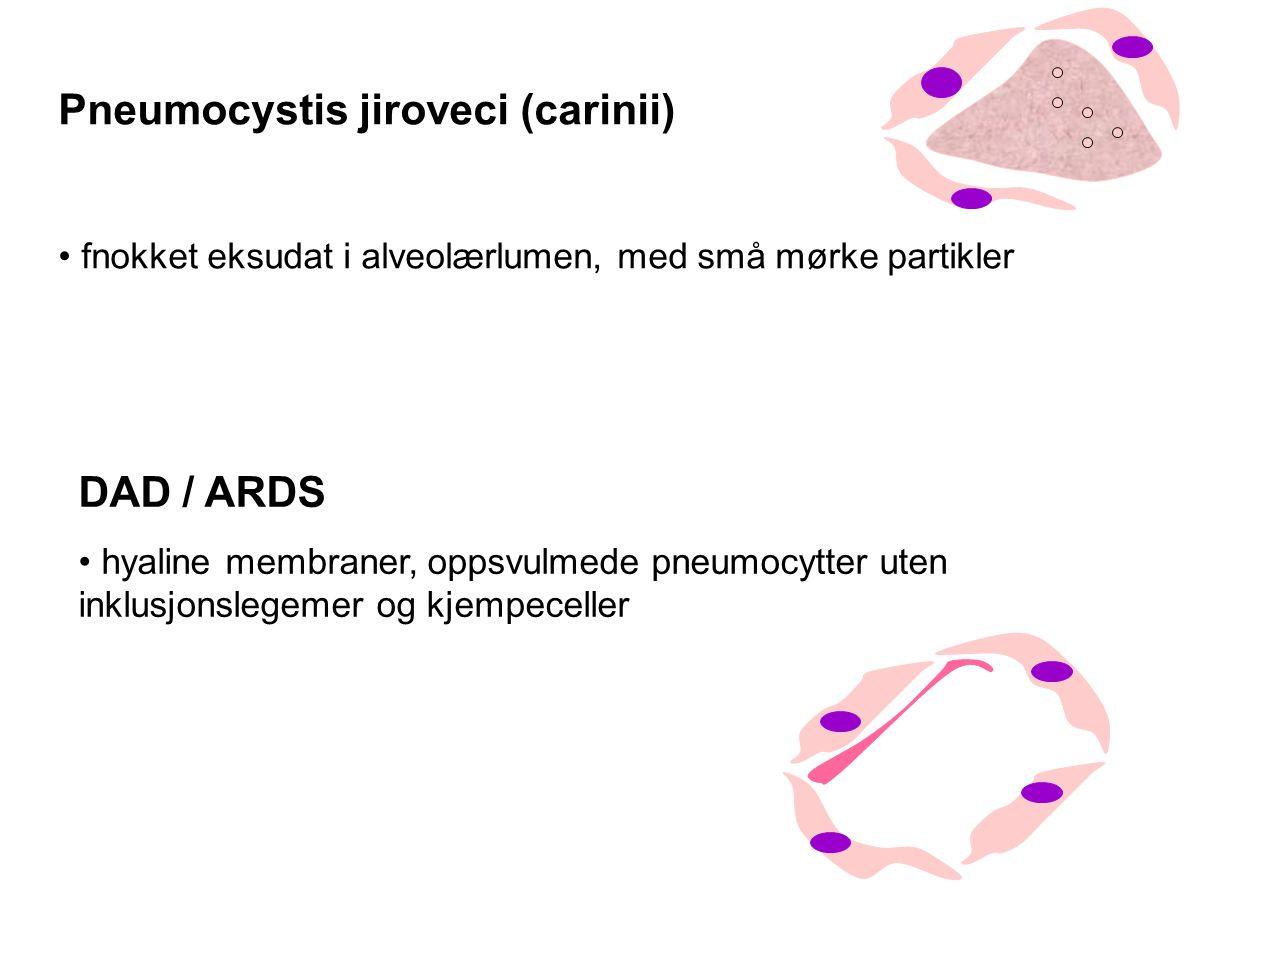 Pneumocystis jiroveci (carinii)